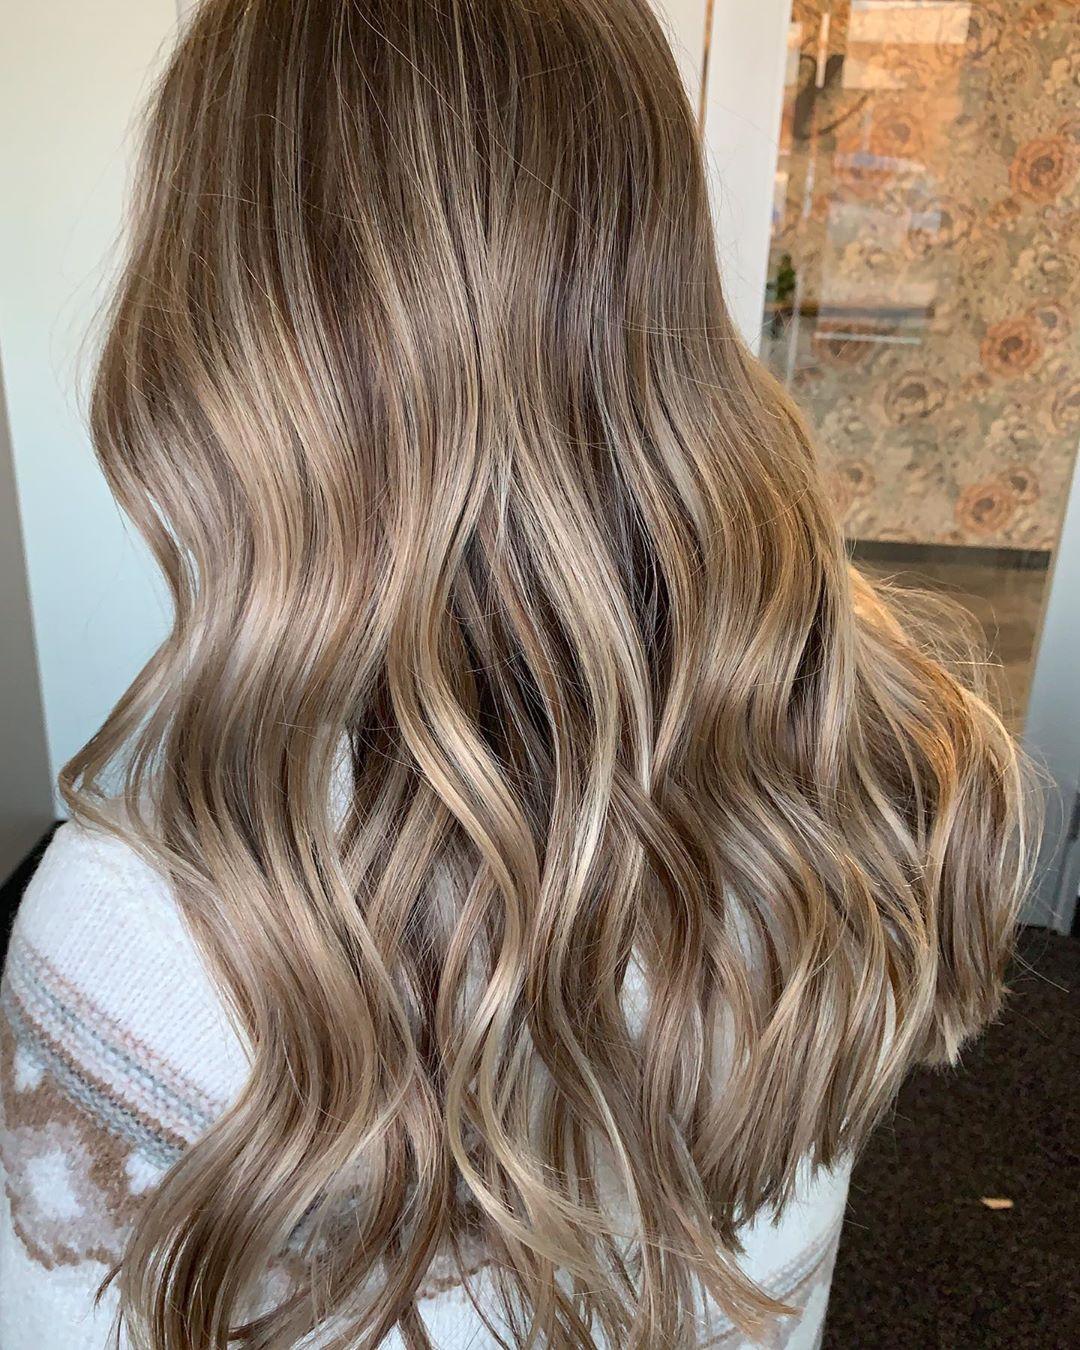 Toffee lowlights in blonde hair